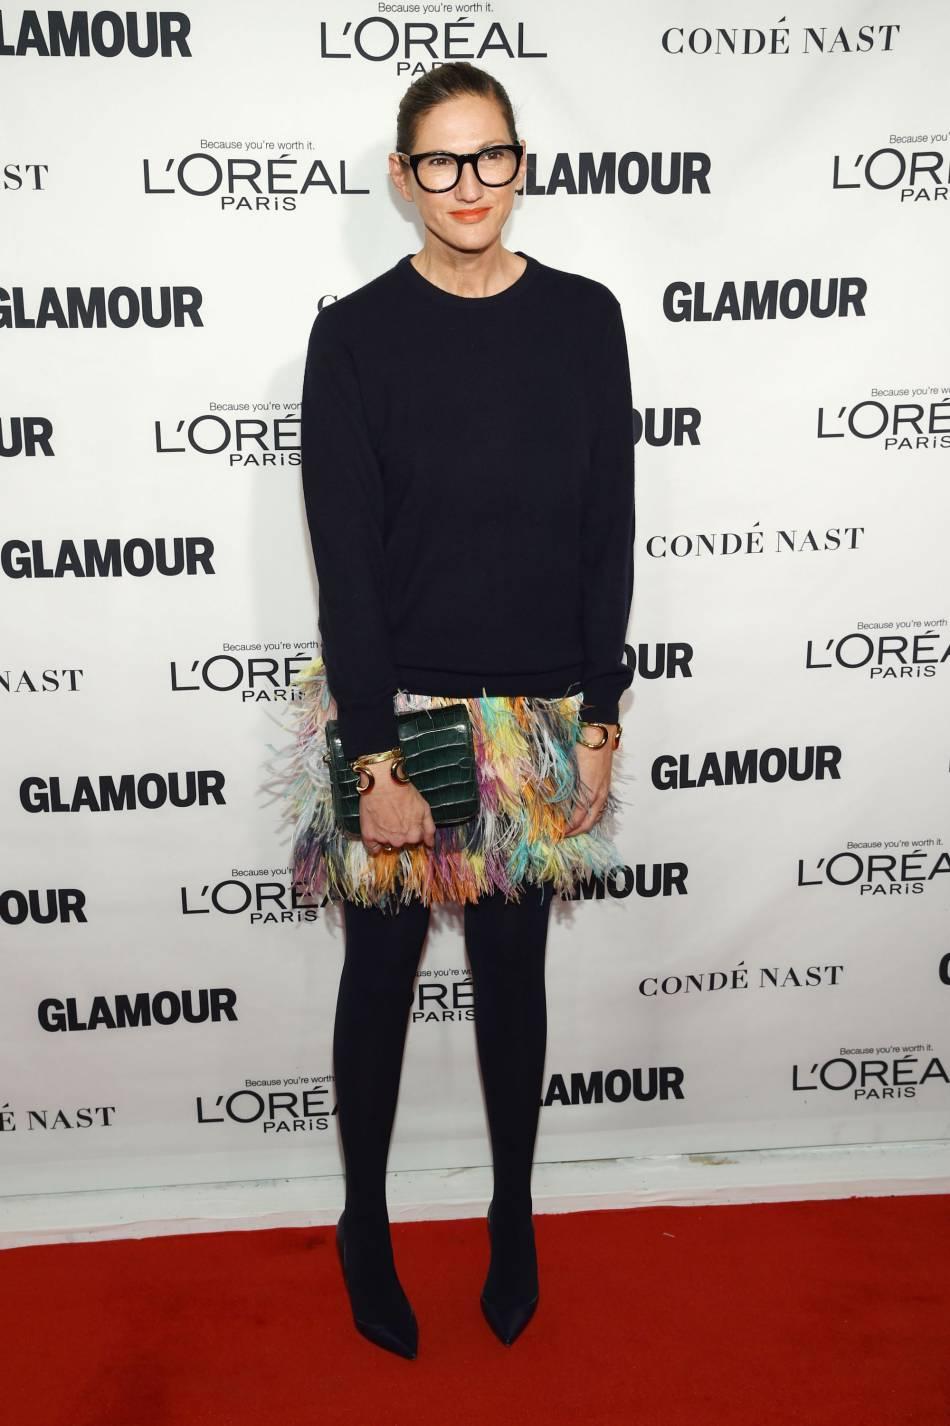 Jenna Lyons aux Glamour Awards le 9 novembre 2015 à Los Angeles.